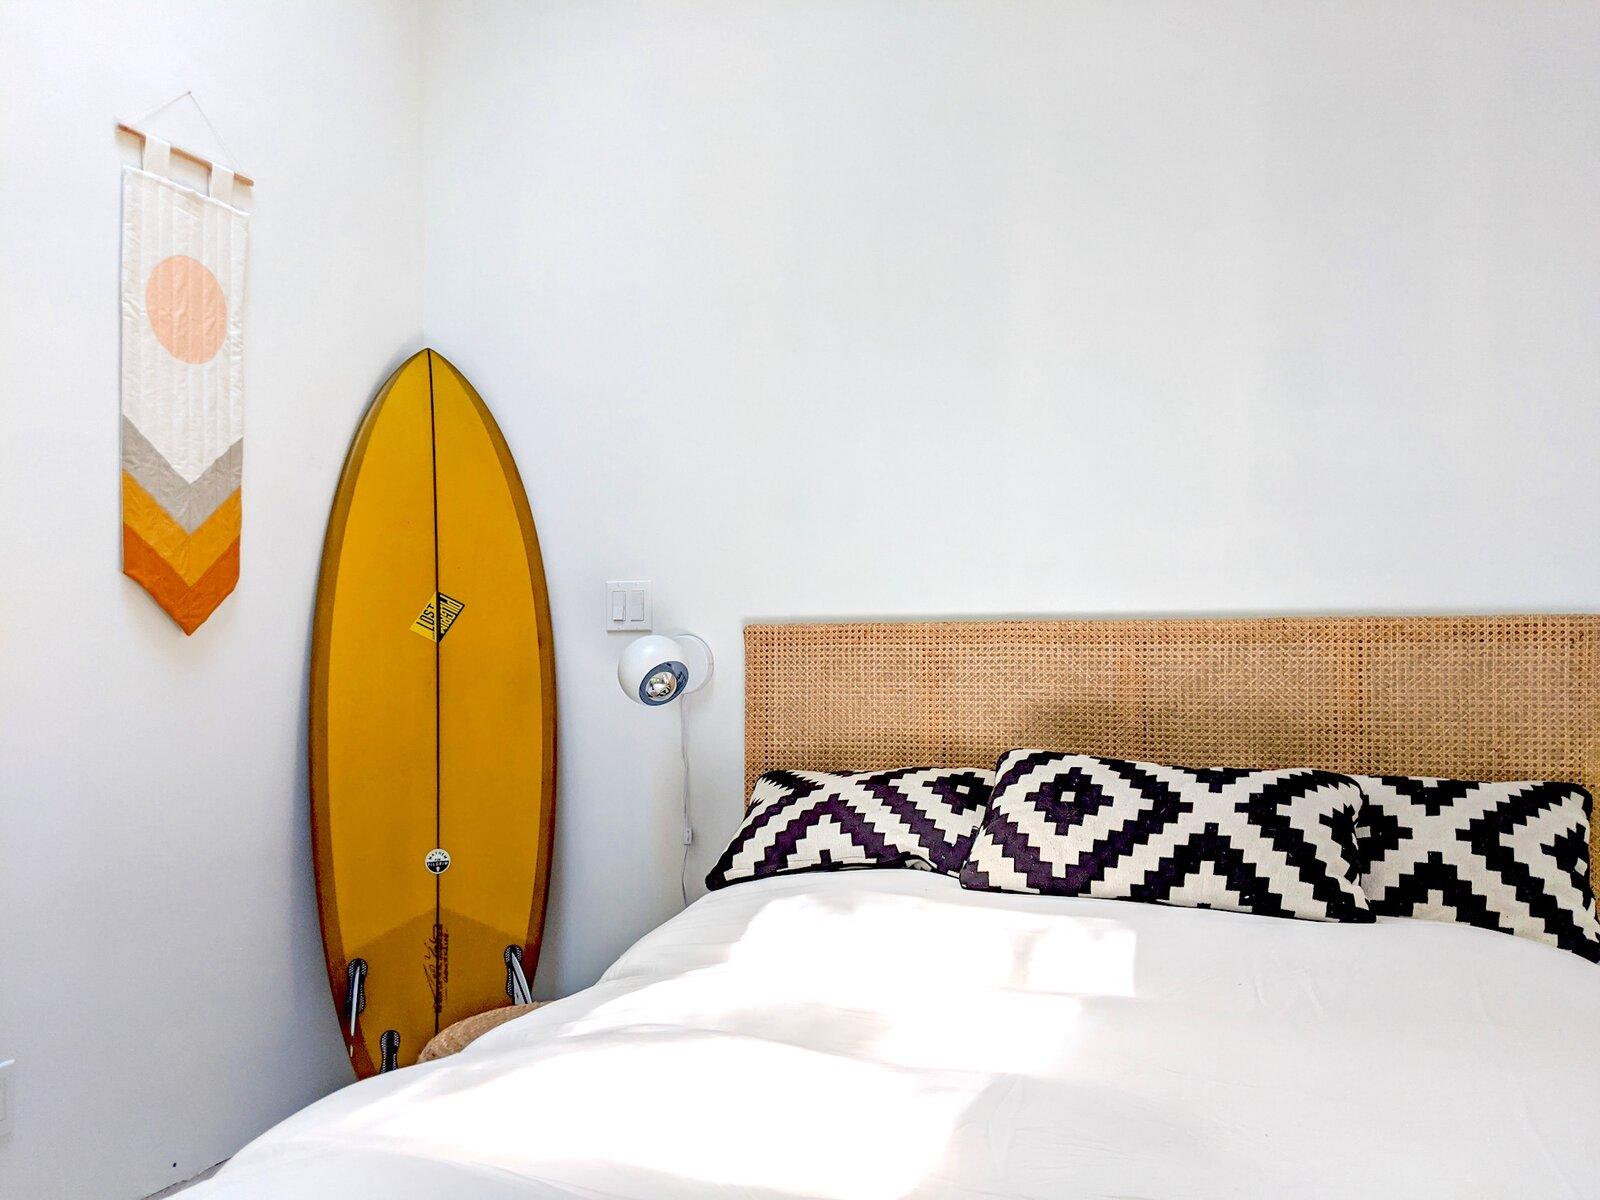 The Surf Cabin via Instagram @thesurfcabin